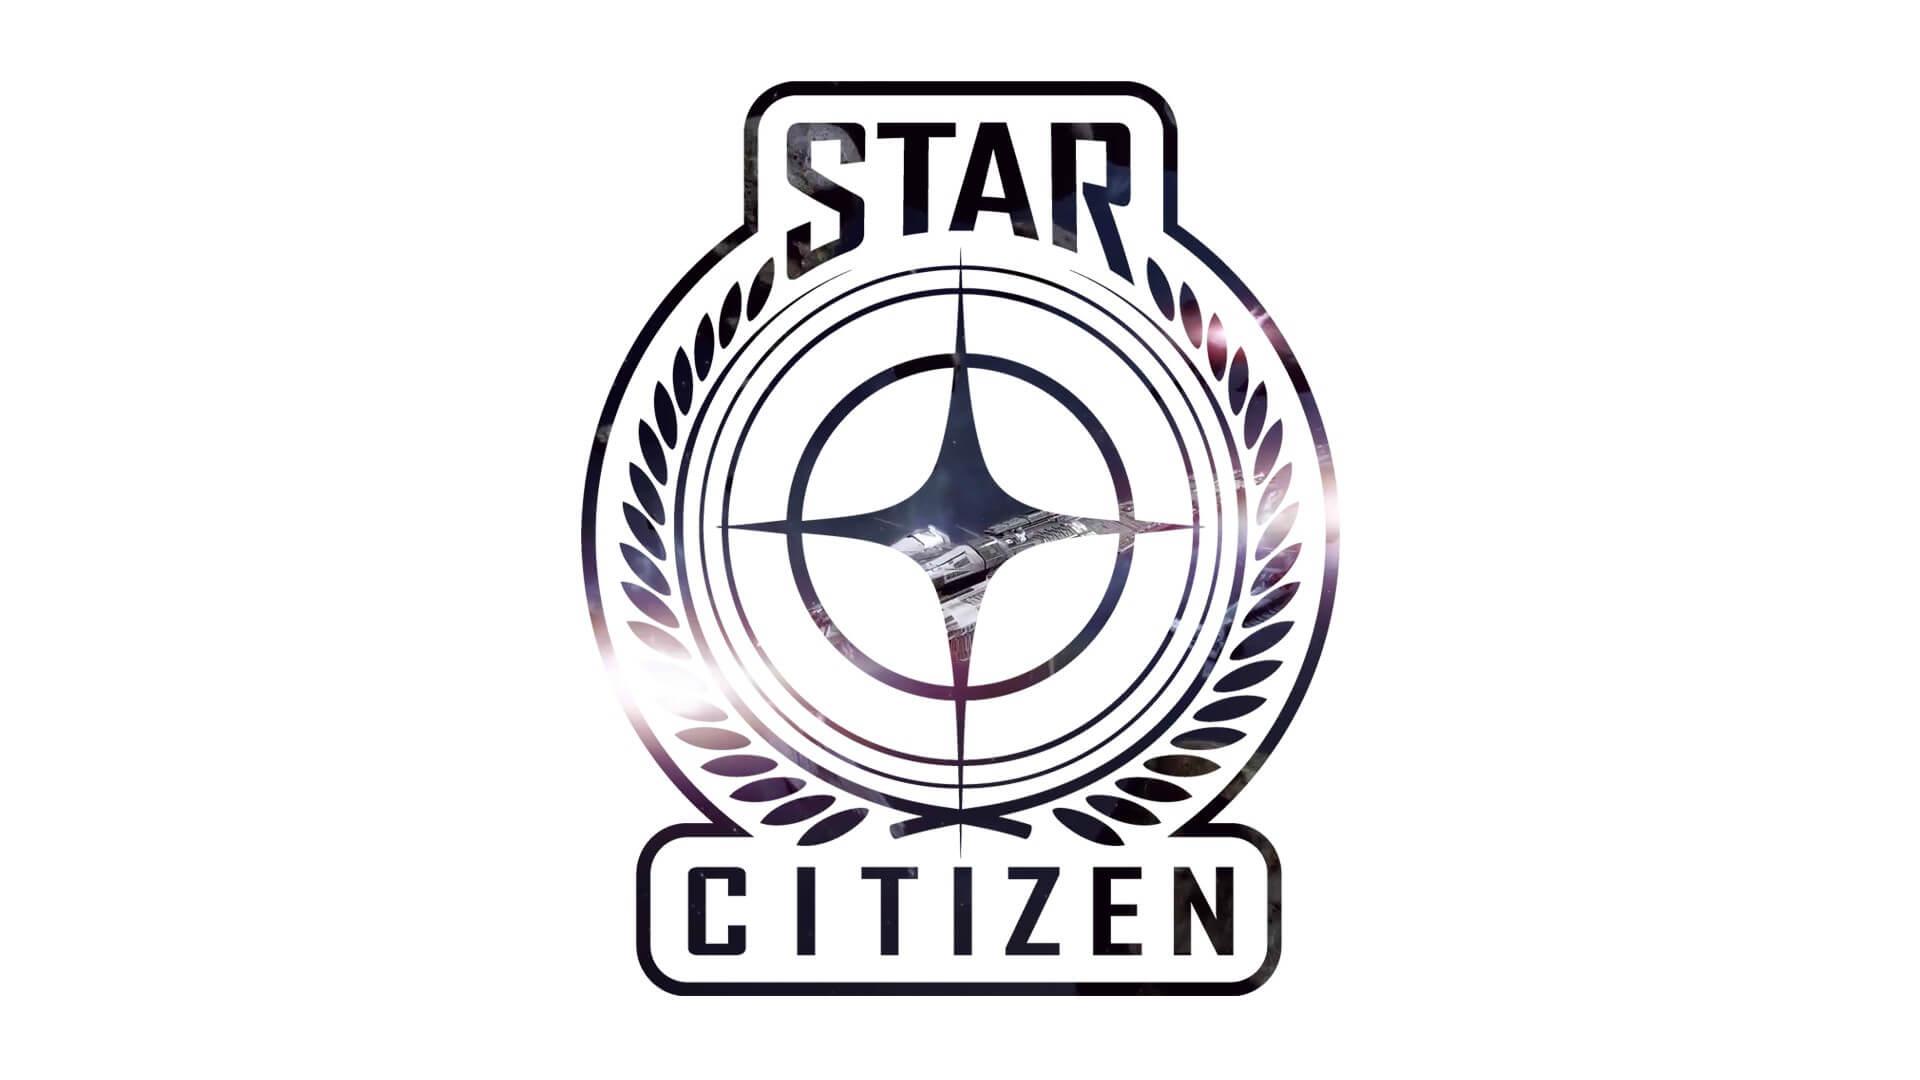 New 'Star Citizen' Miletone & Website